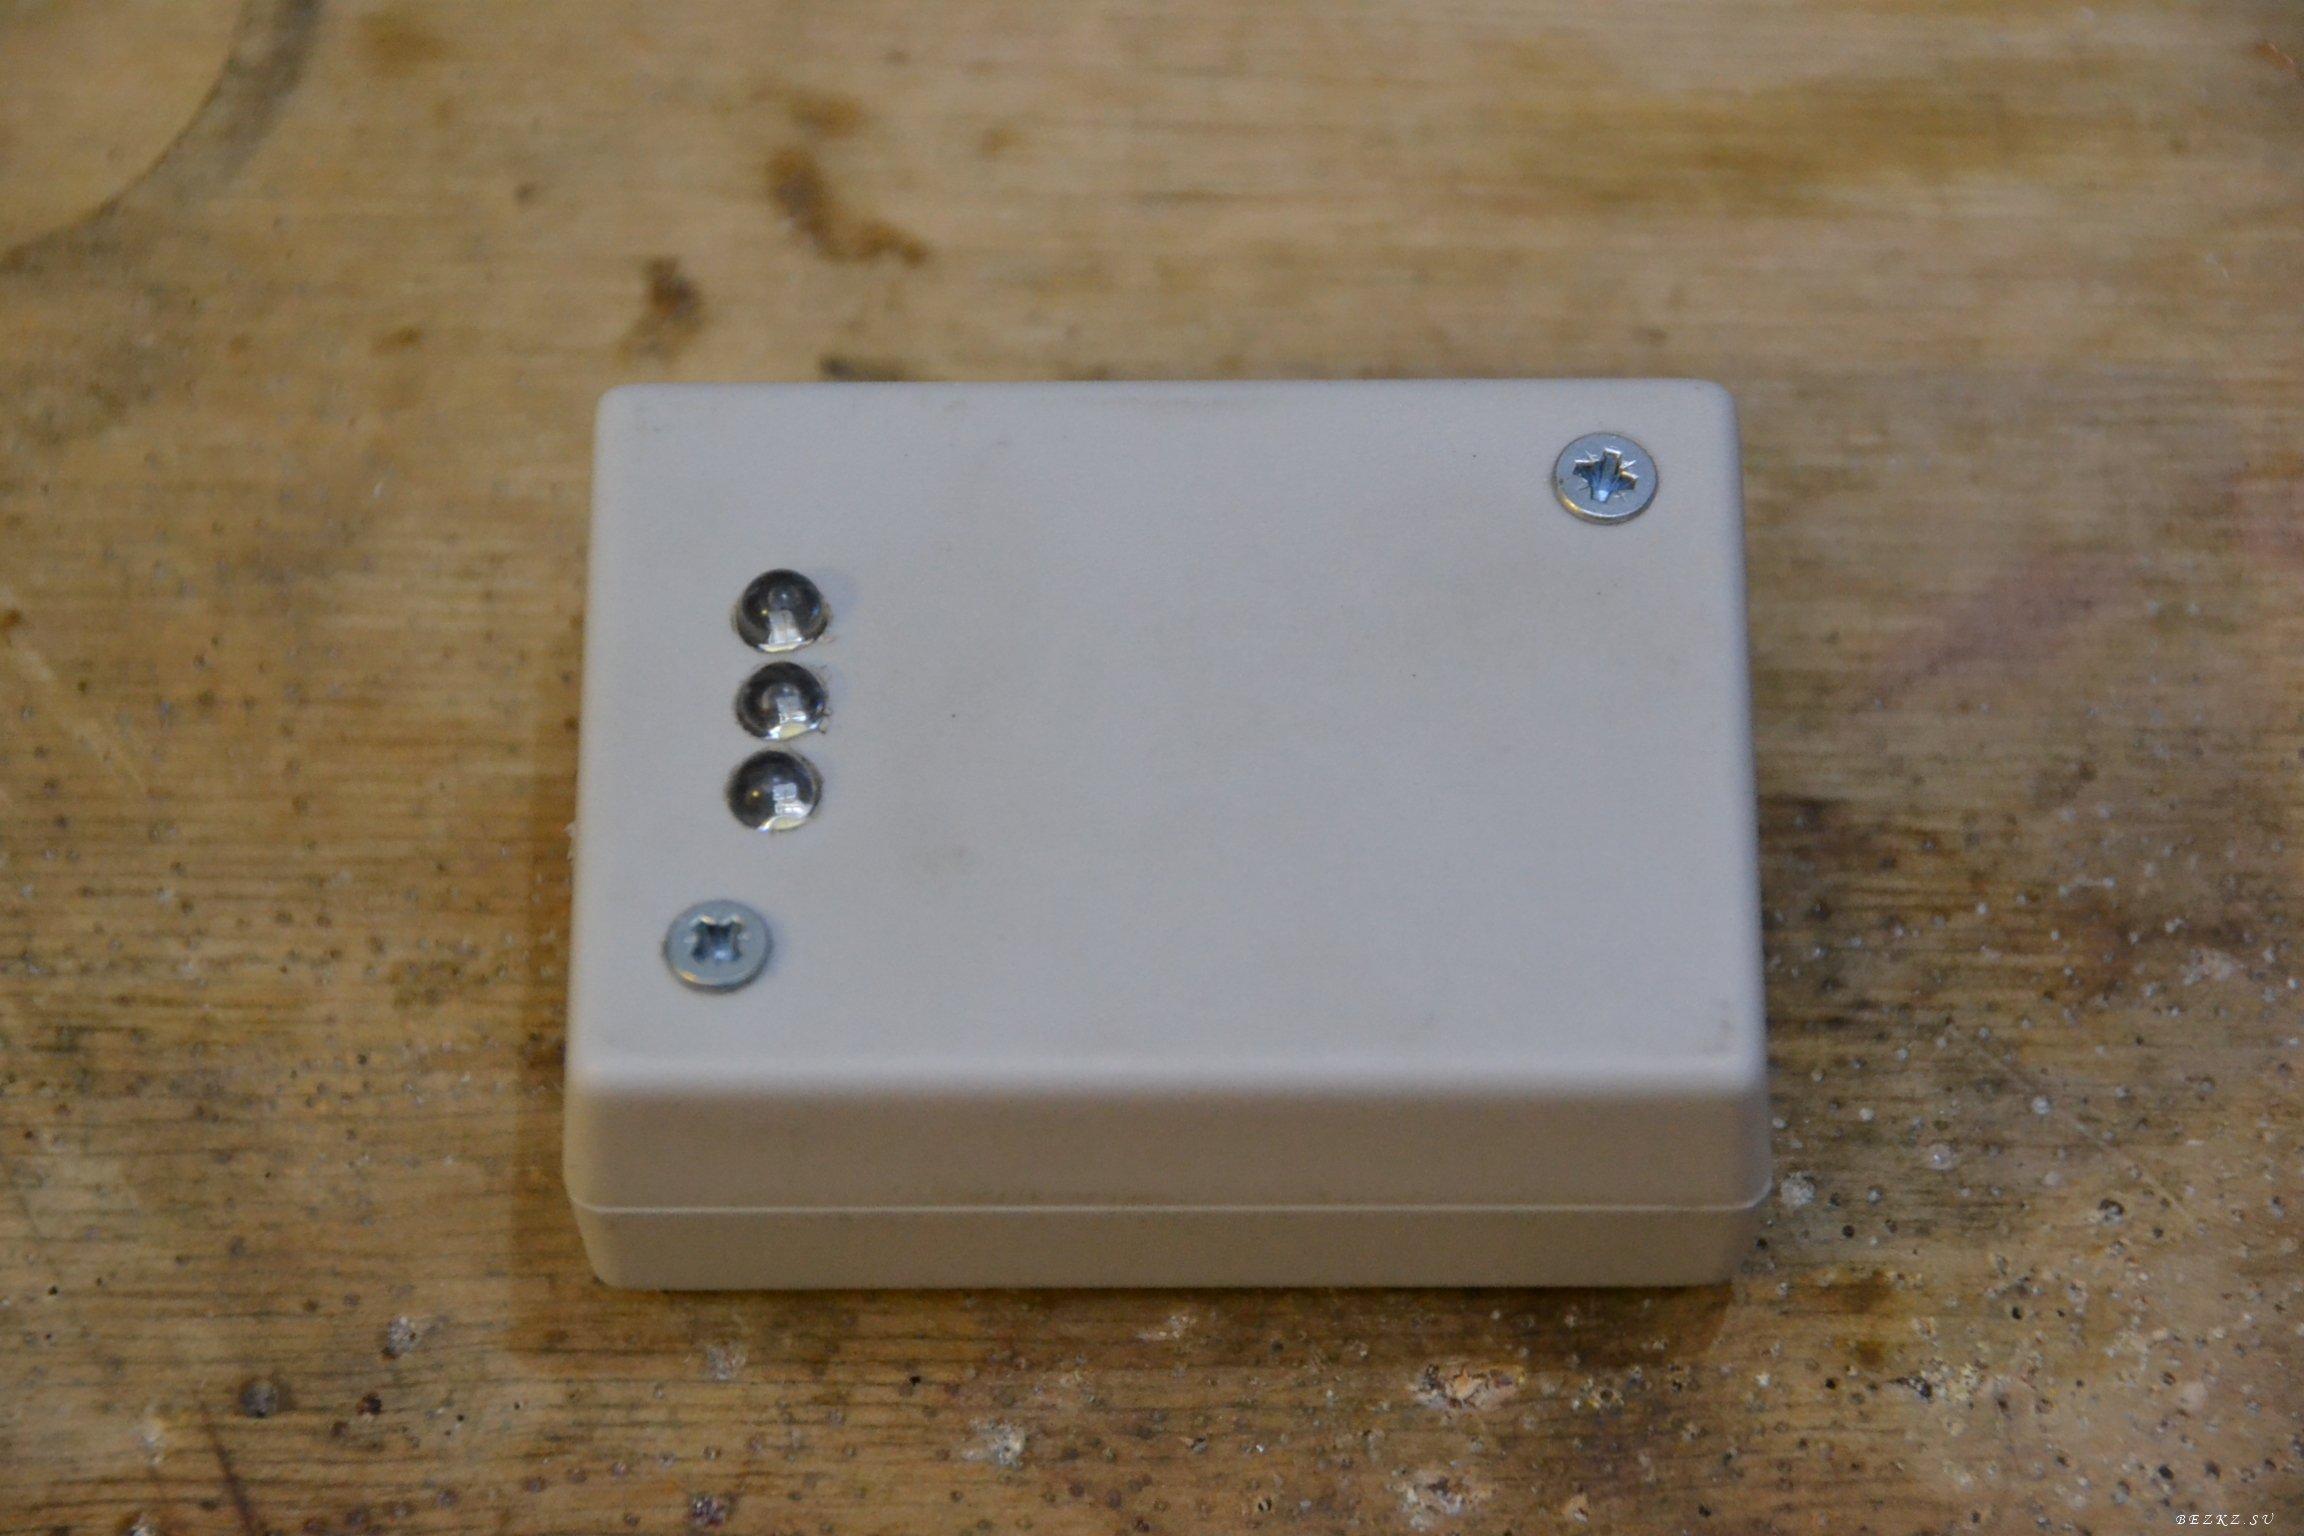 А это схема простого фотореле.  Это устройство с успехом можно применить где Вам угодно, для автоматической подсветки...